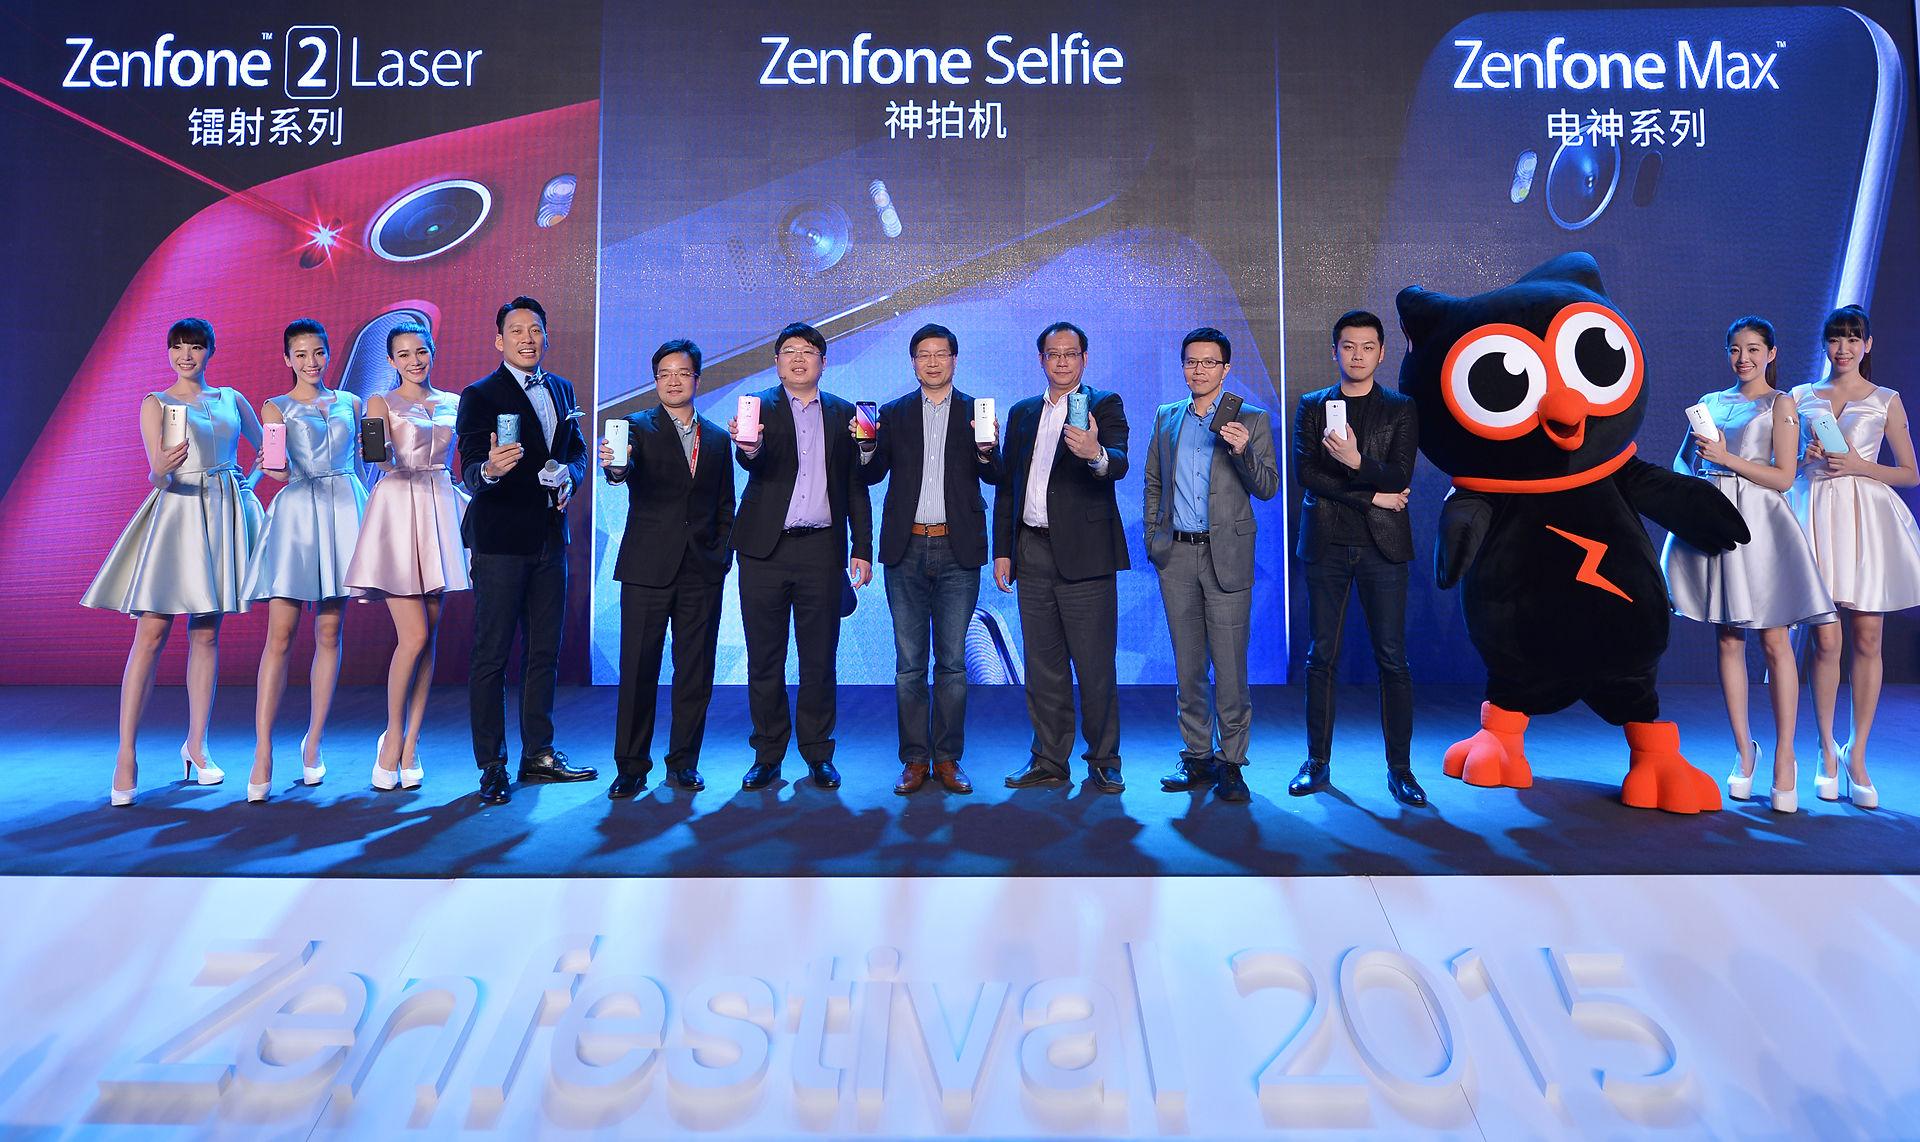 ZenFone Selfie神拍机领衔!华硕多款手机新品耀目登场